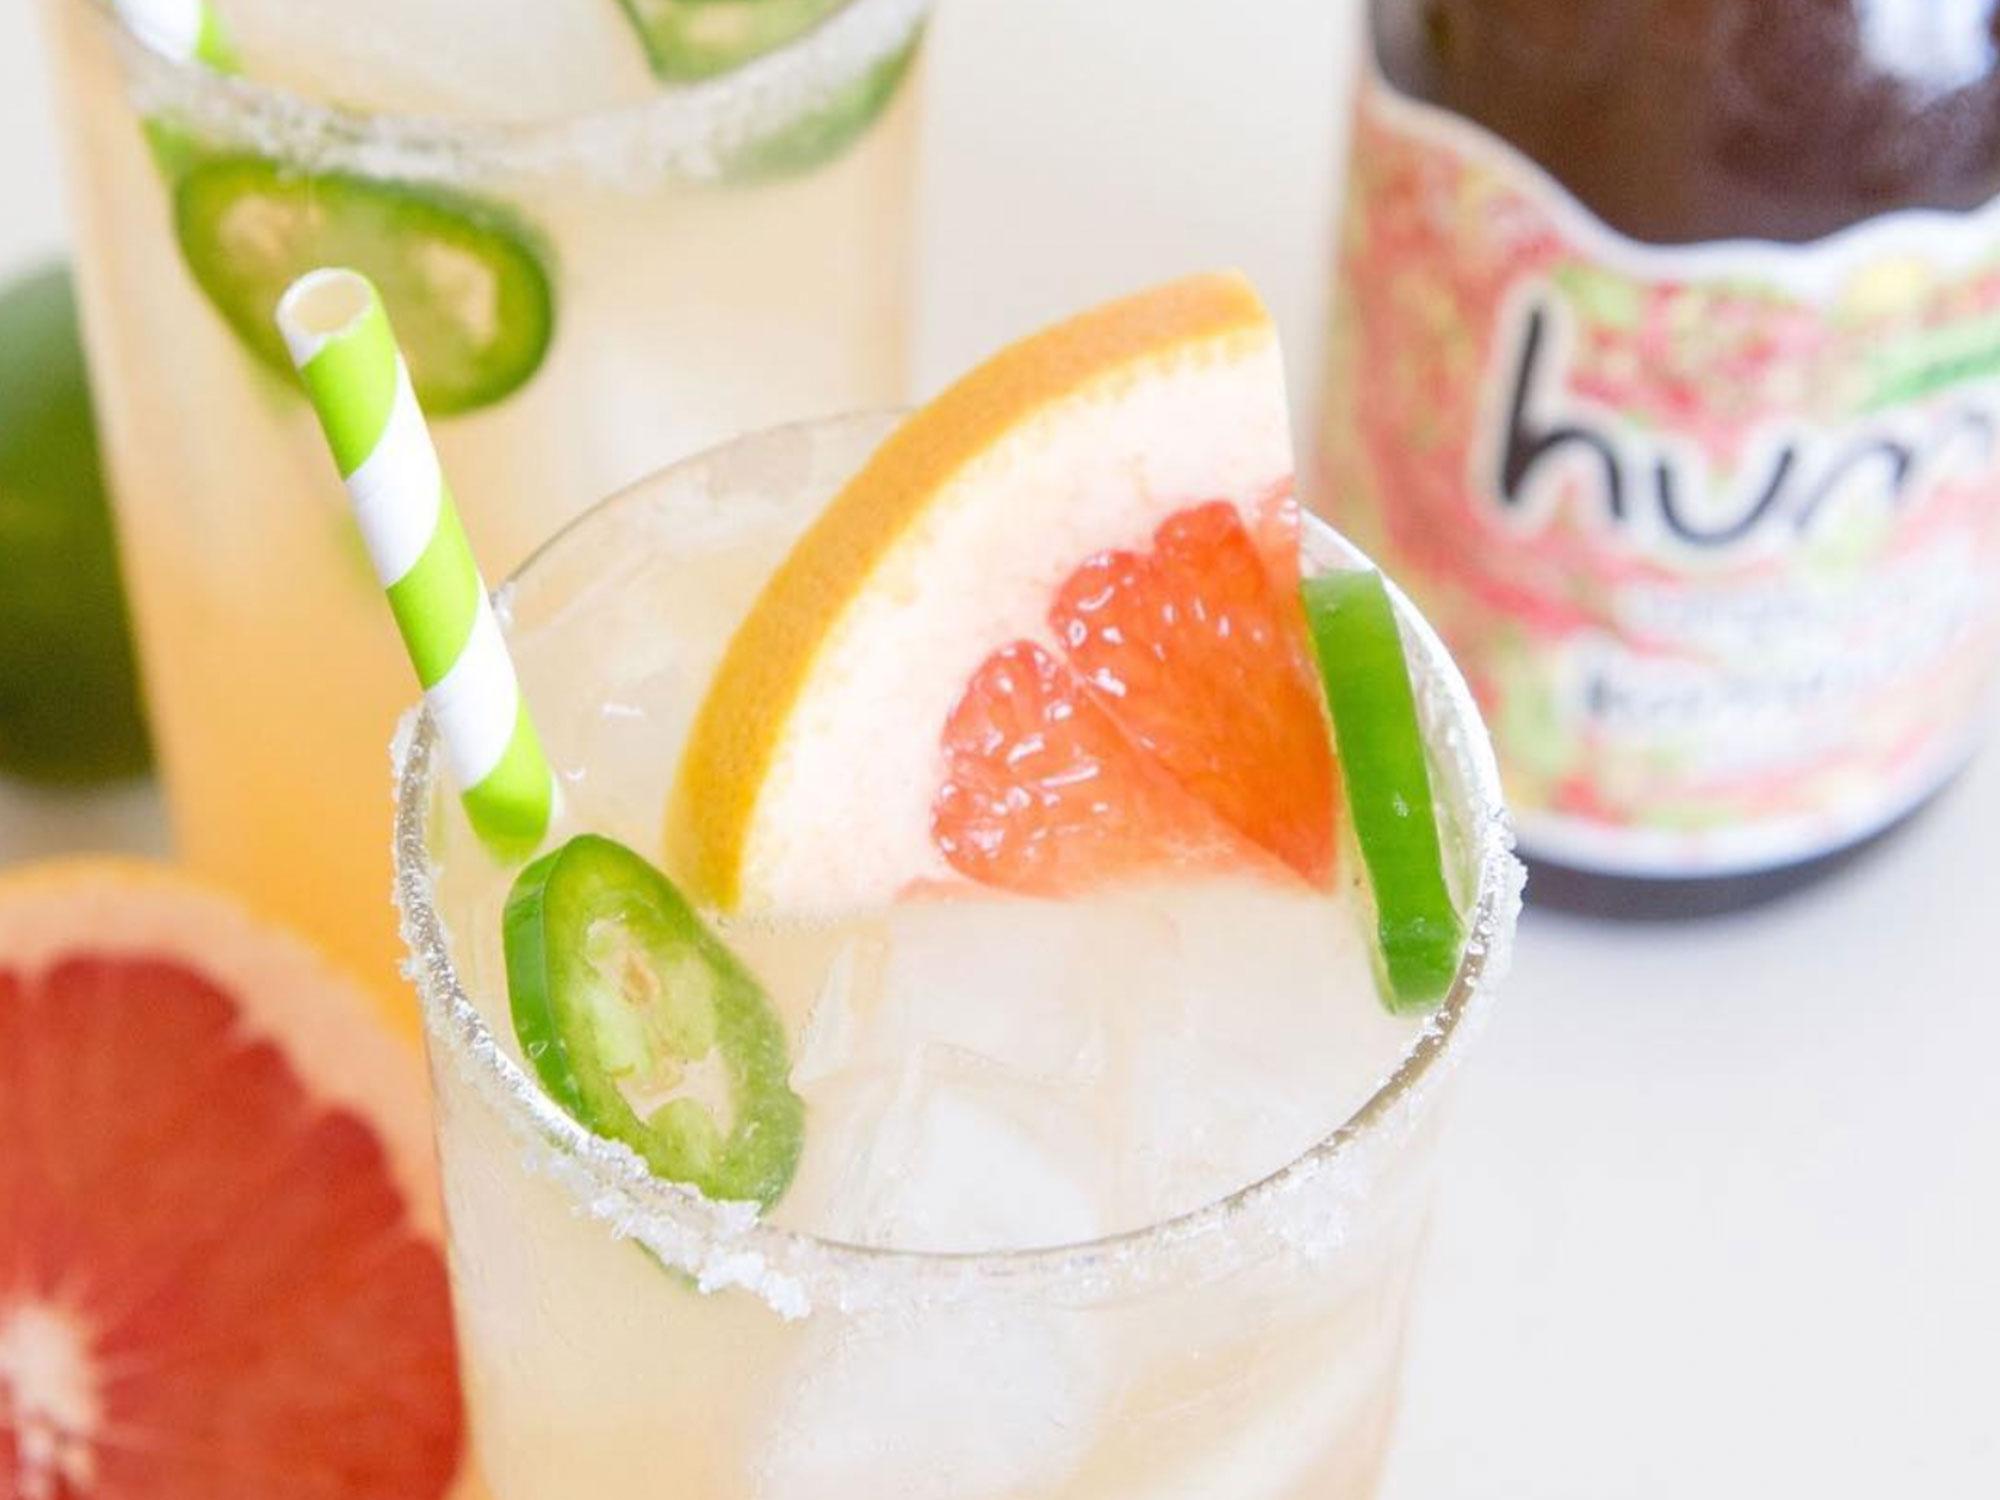 health-drinks-as-mixers.jpg